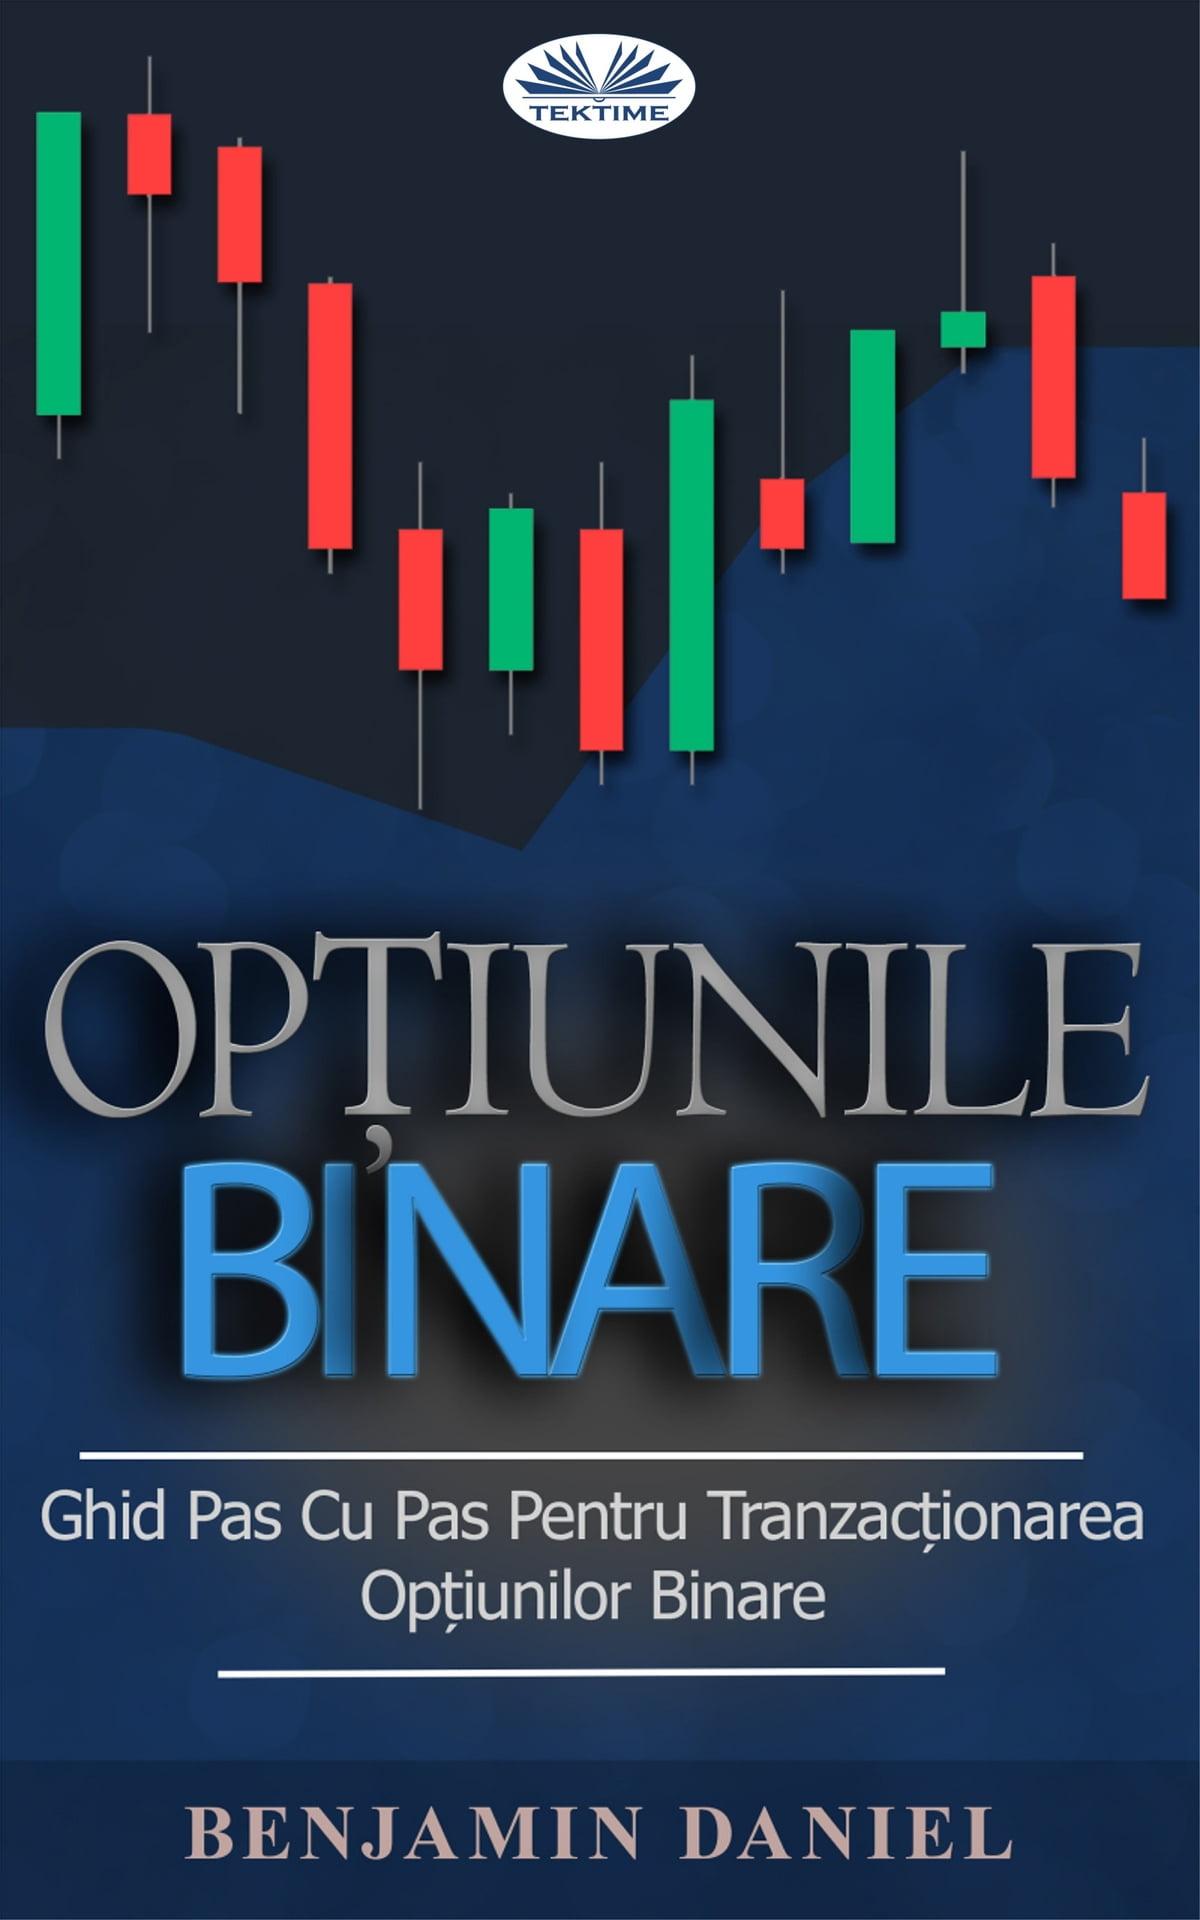 tranzacționarea opțiunilor binare ce strategie)